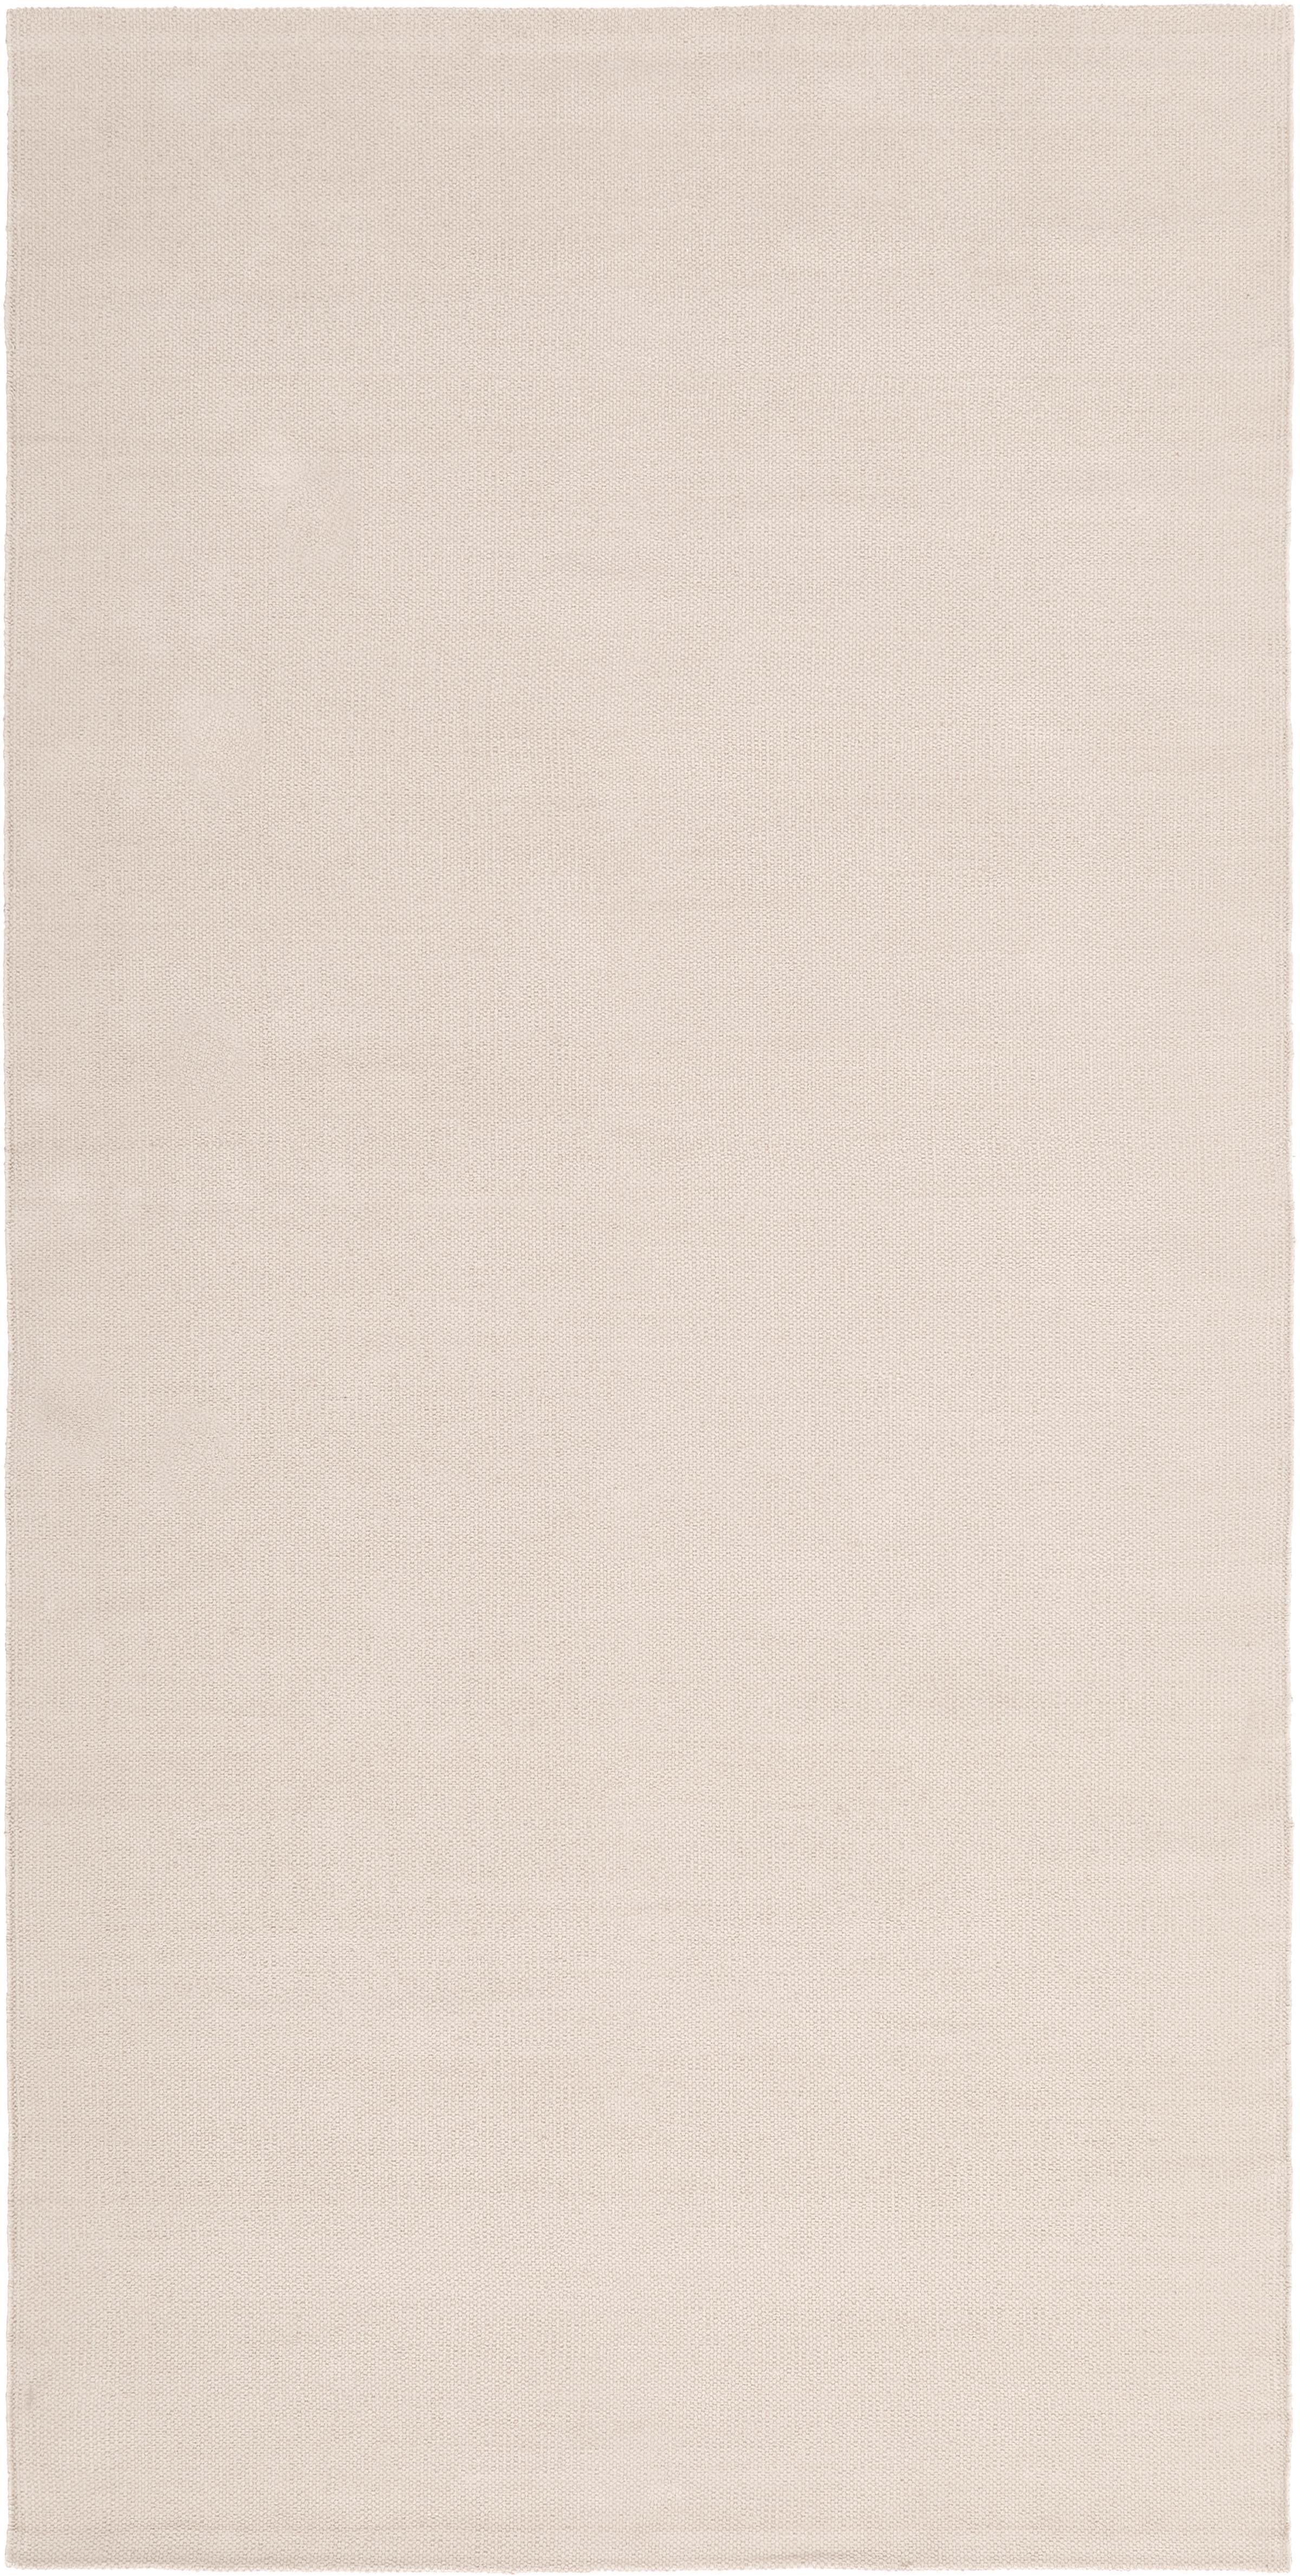 Tappeto in cotone tessuto a mano Agneta, Cotone, Taupe, Larg. 70 x Lung. 140 cm (taglia XS)